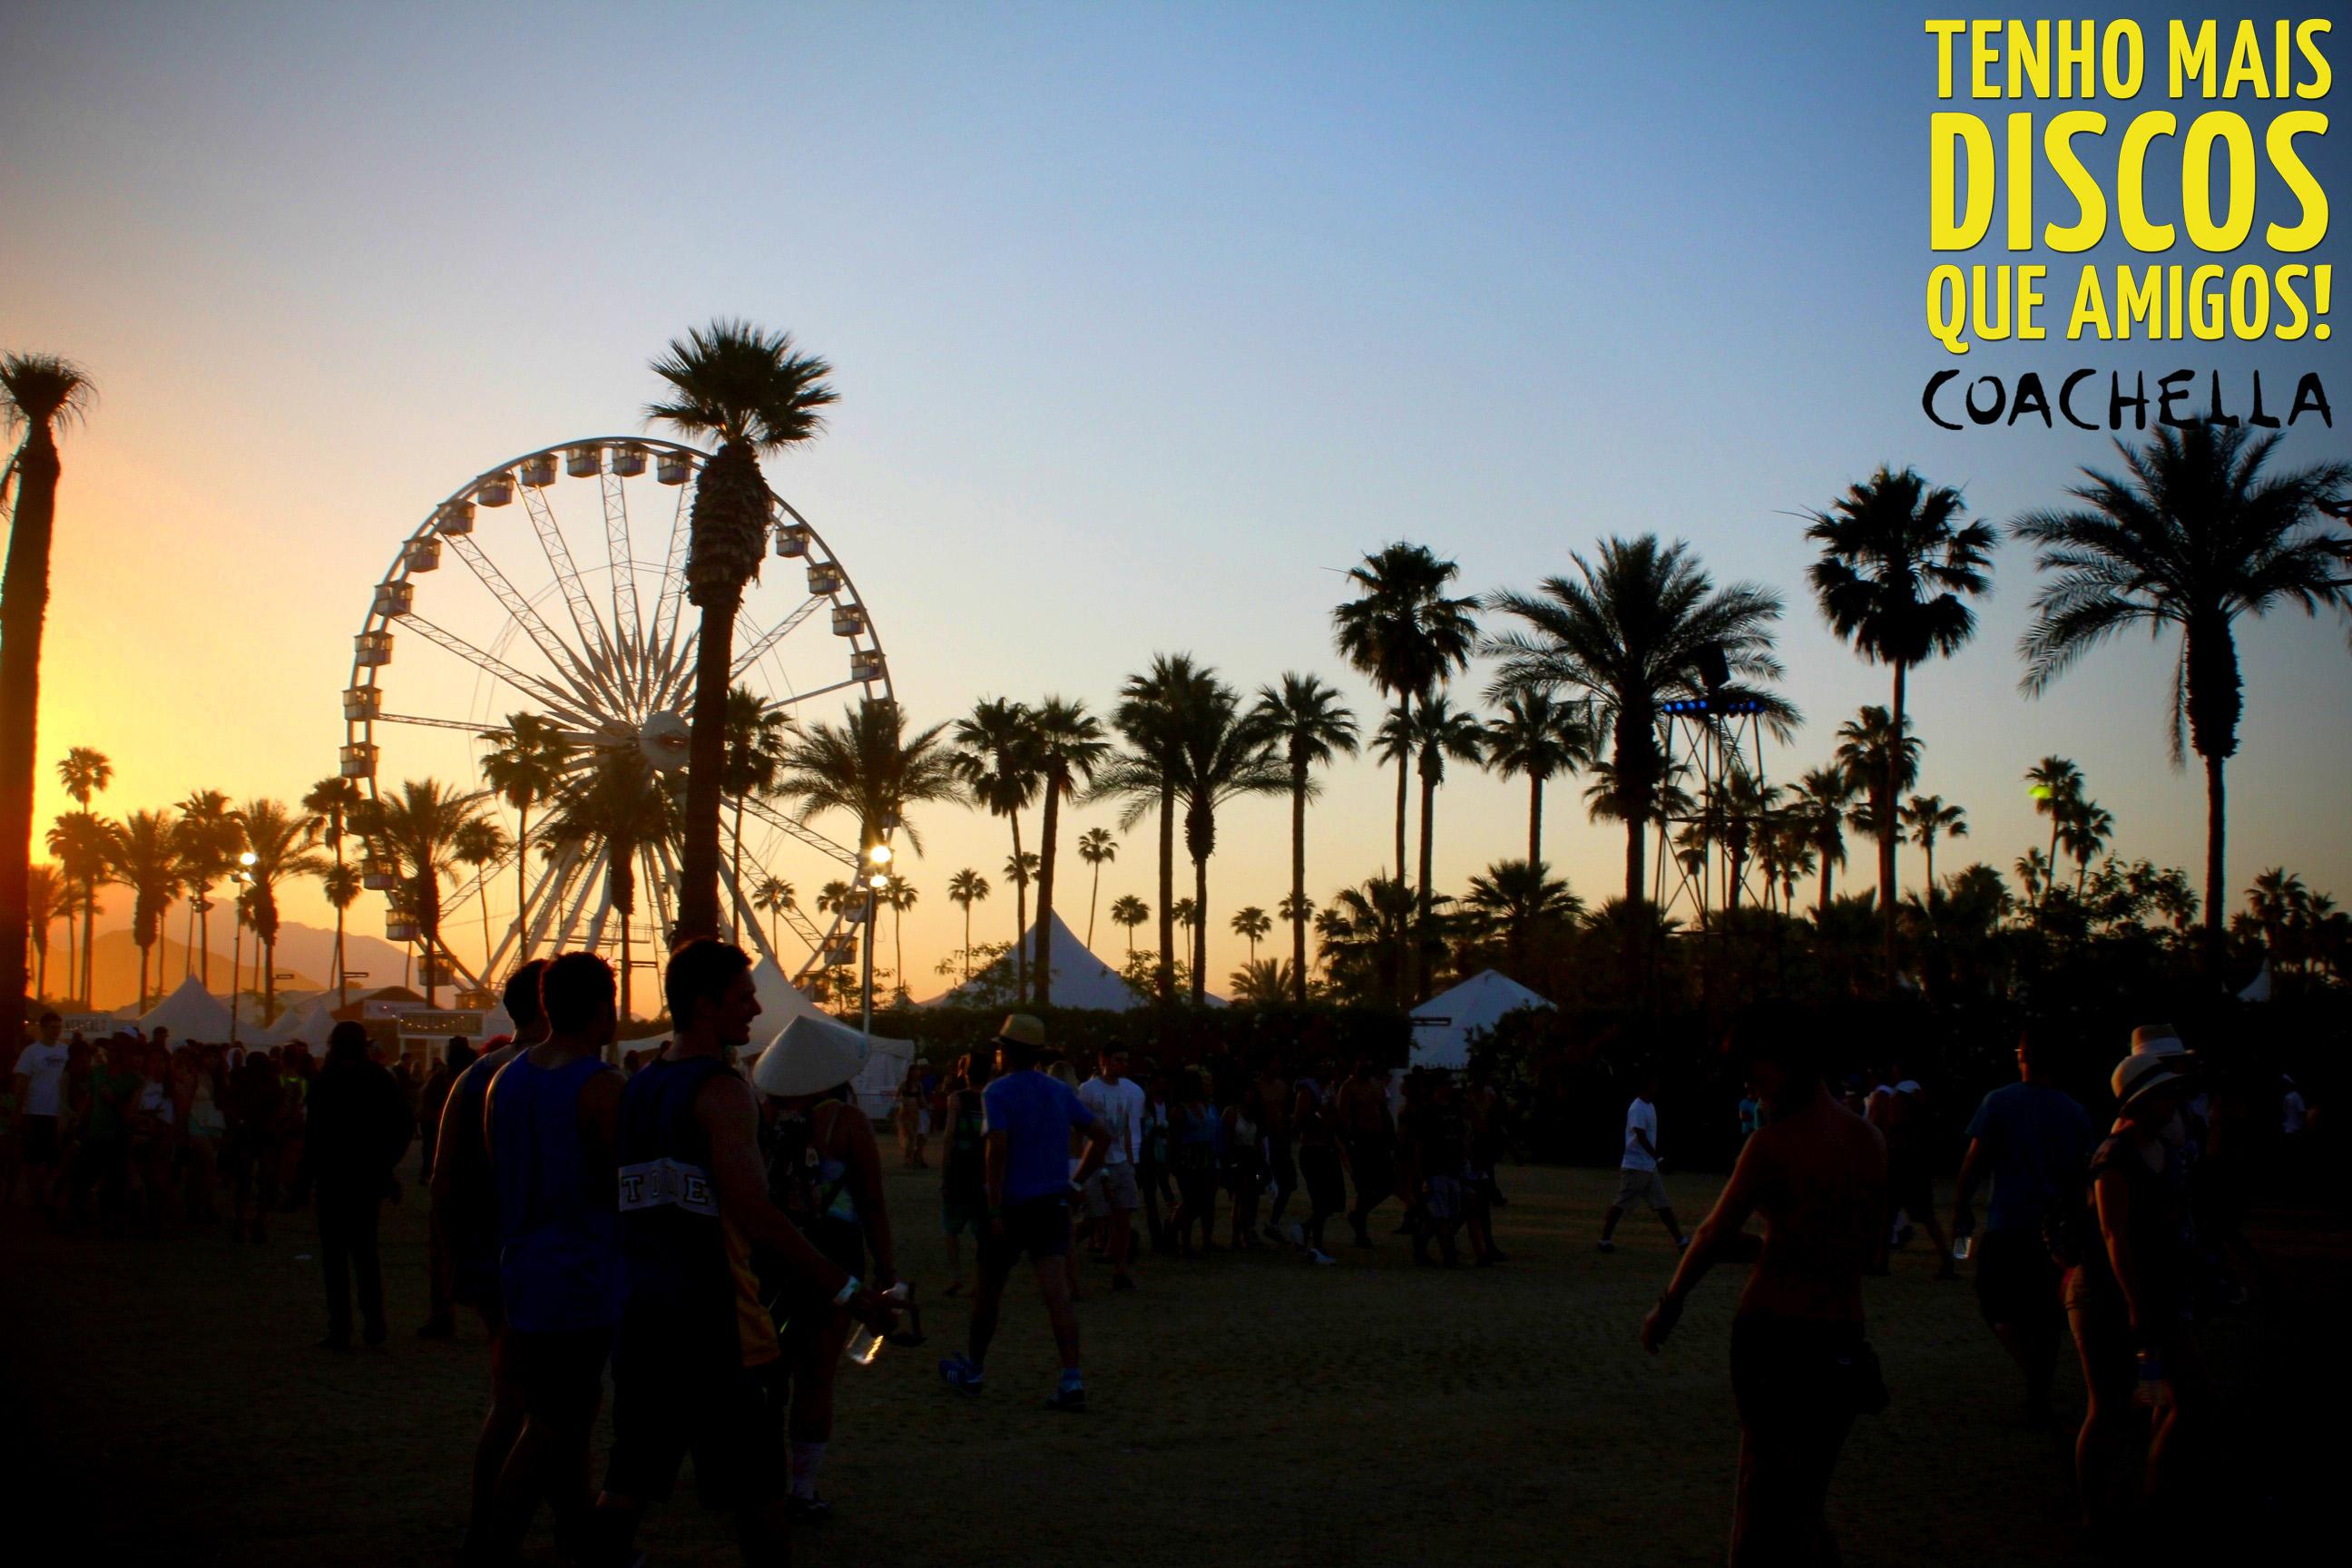 Resenha e fotos exclusivas do segundo dia do Coachella (20/04/13) – Parte 1